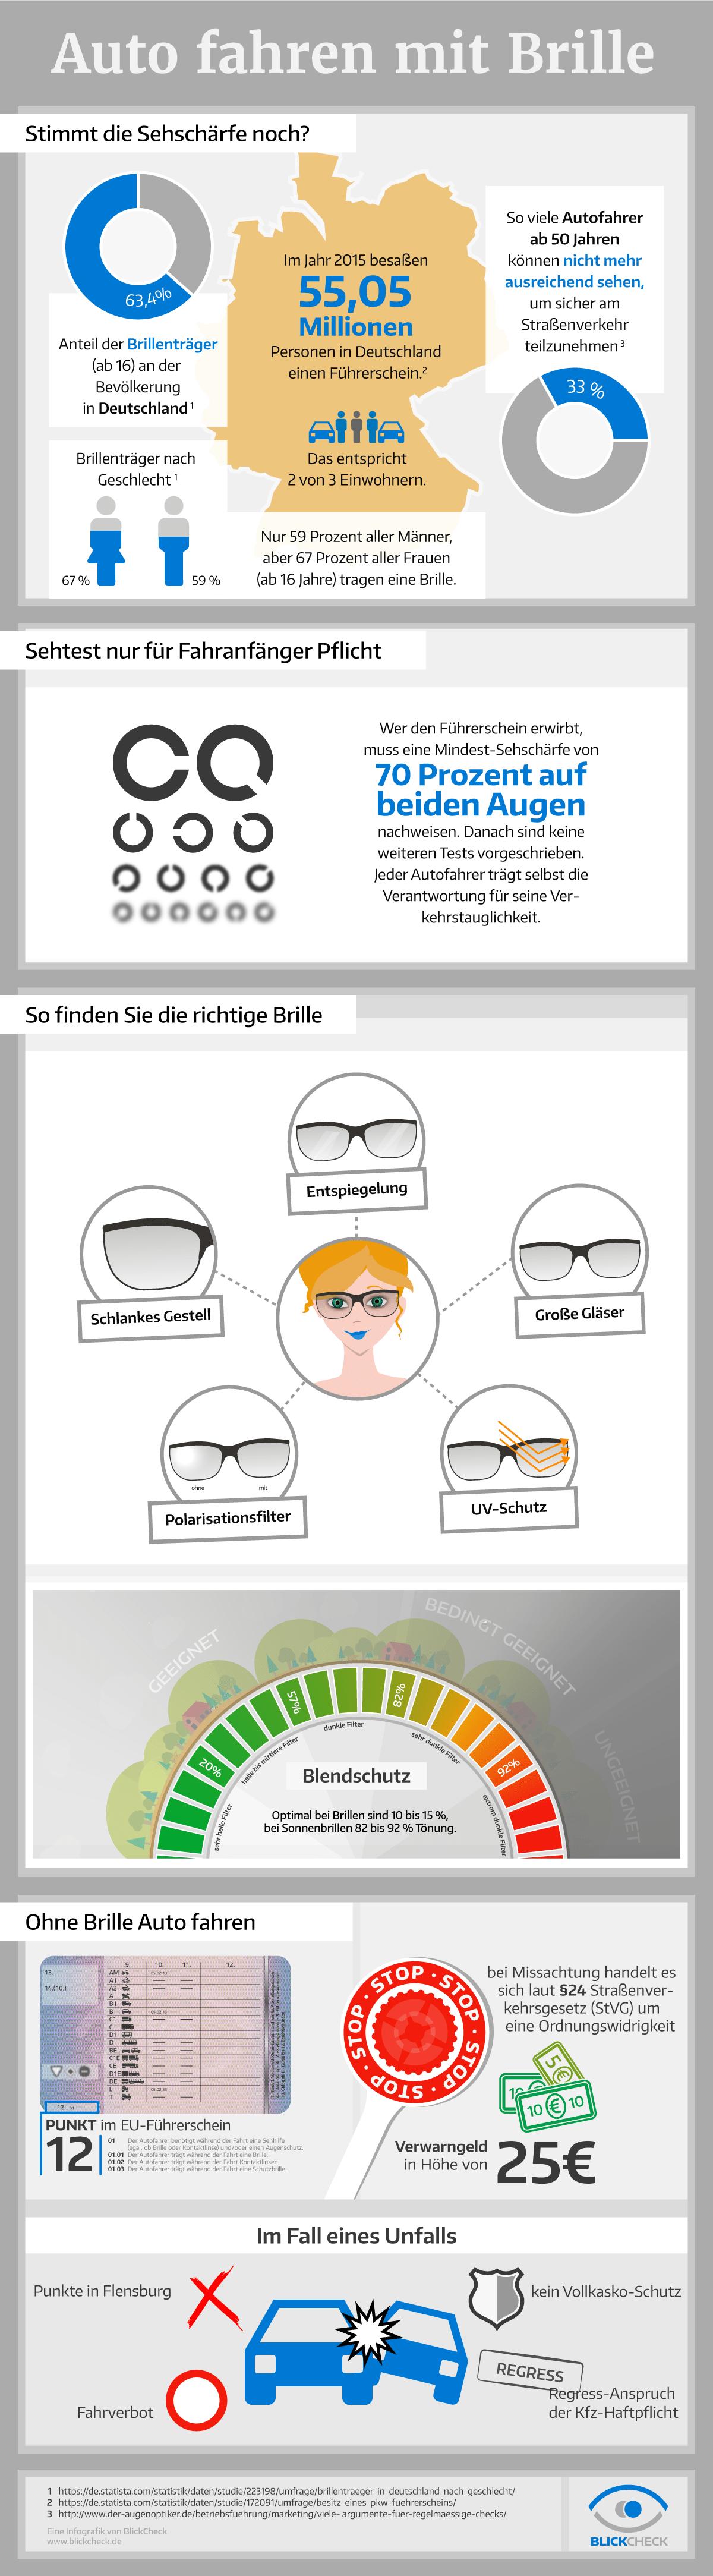 Infografik Autofahren mit Brille